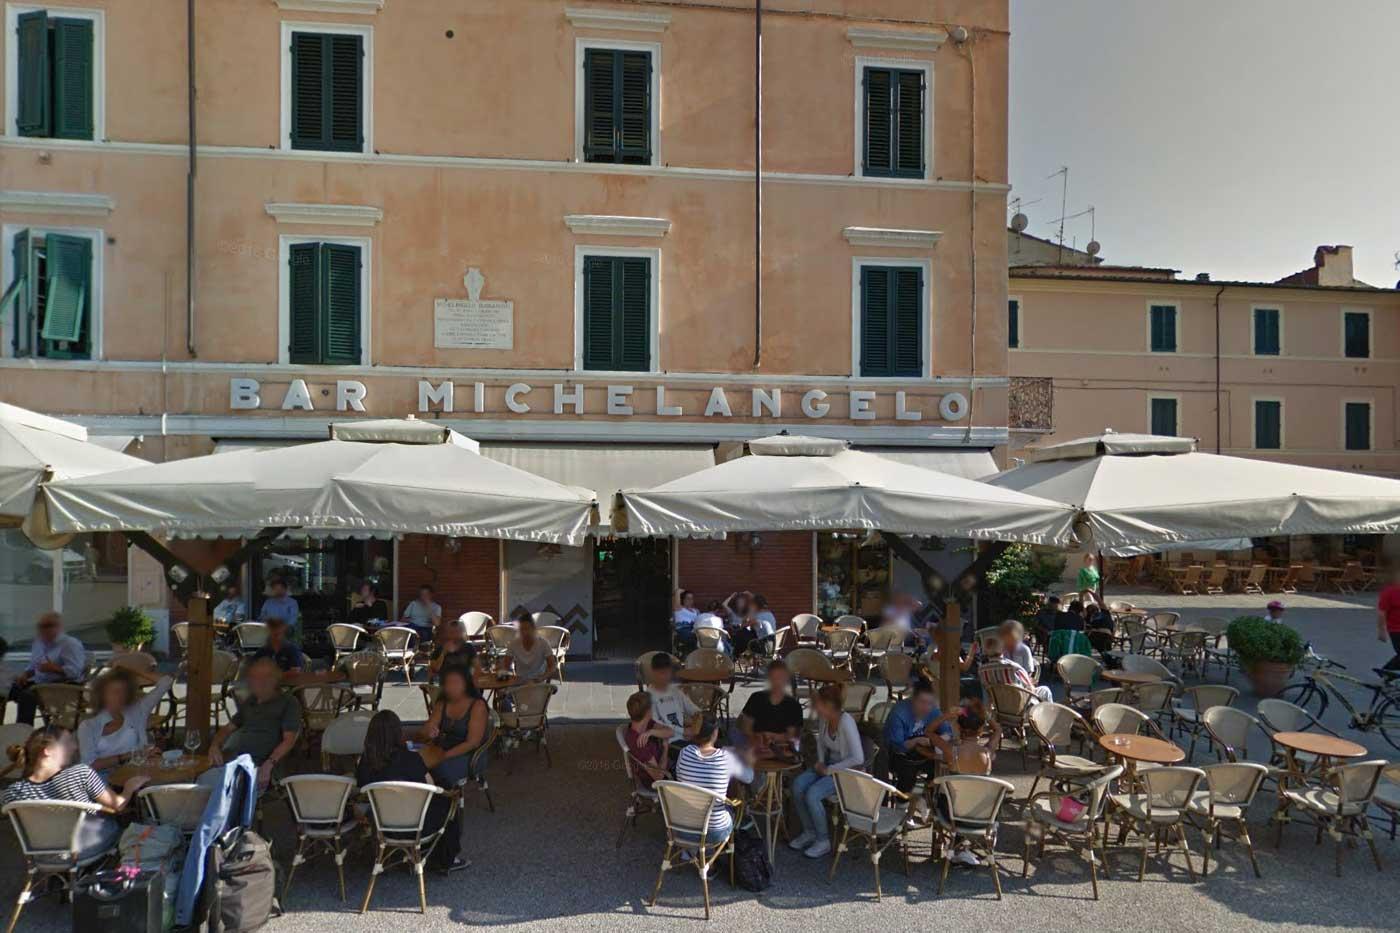 Pietrasanta - Bar Michelangelo